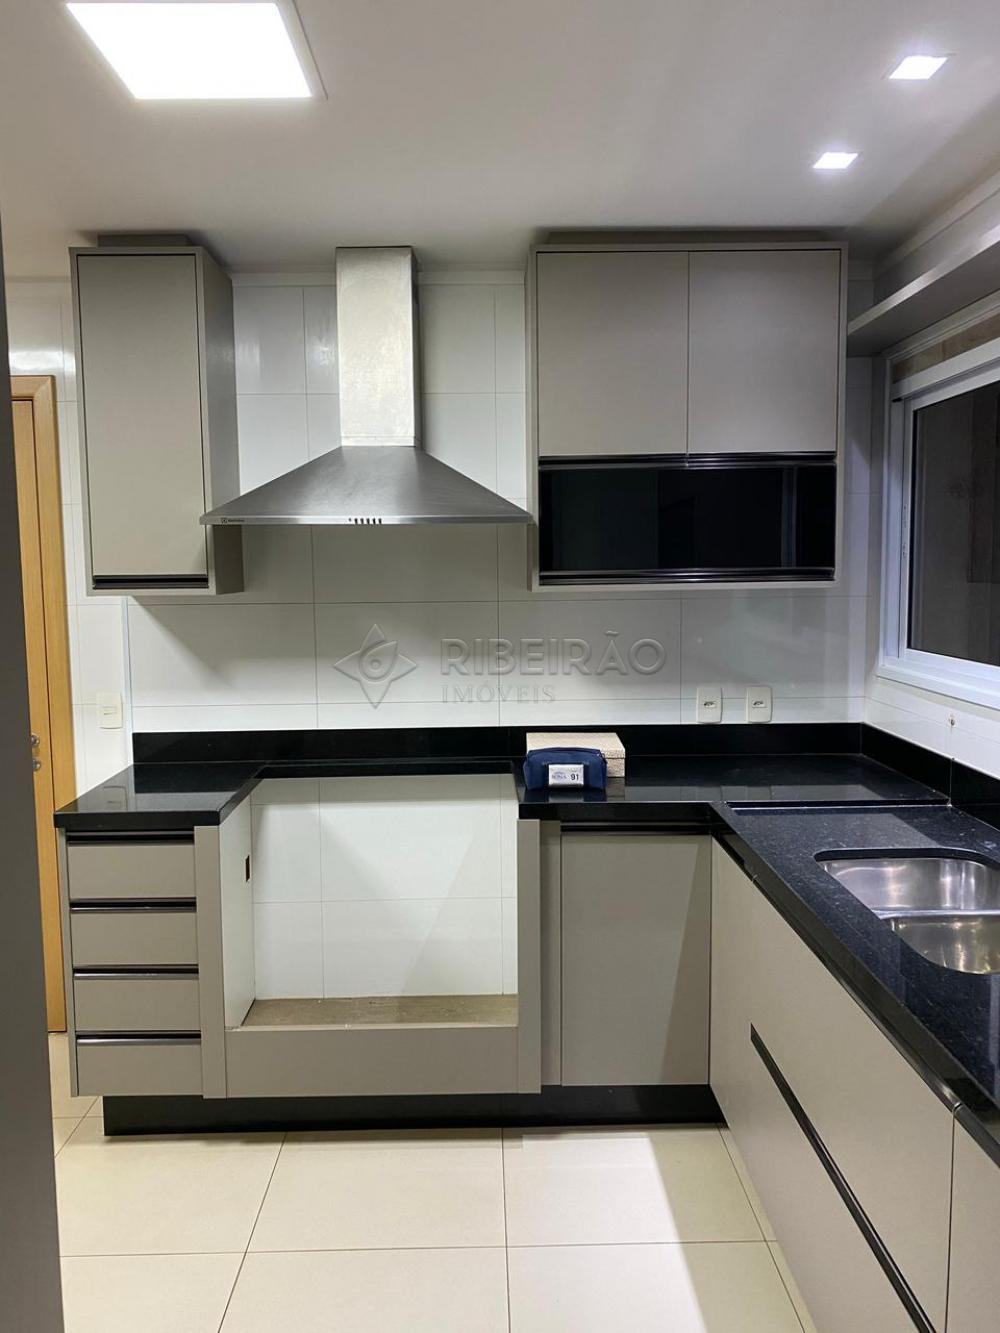 Alugar Apartamento / Padrão em Ribeirão Preto R$ 8.600,00 - Foto 7